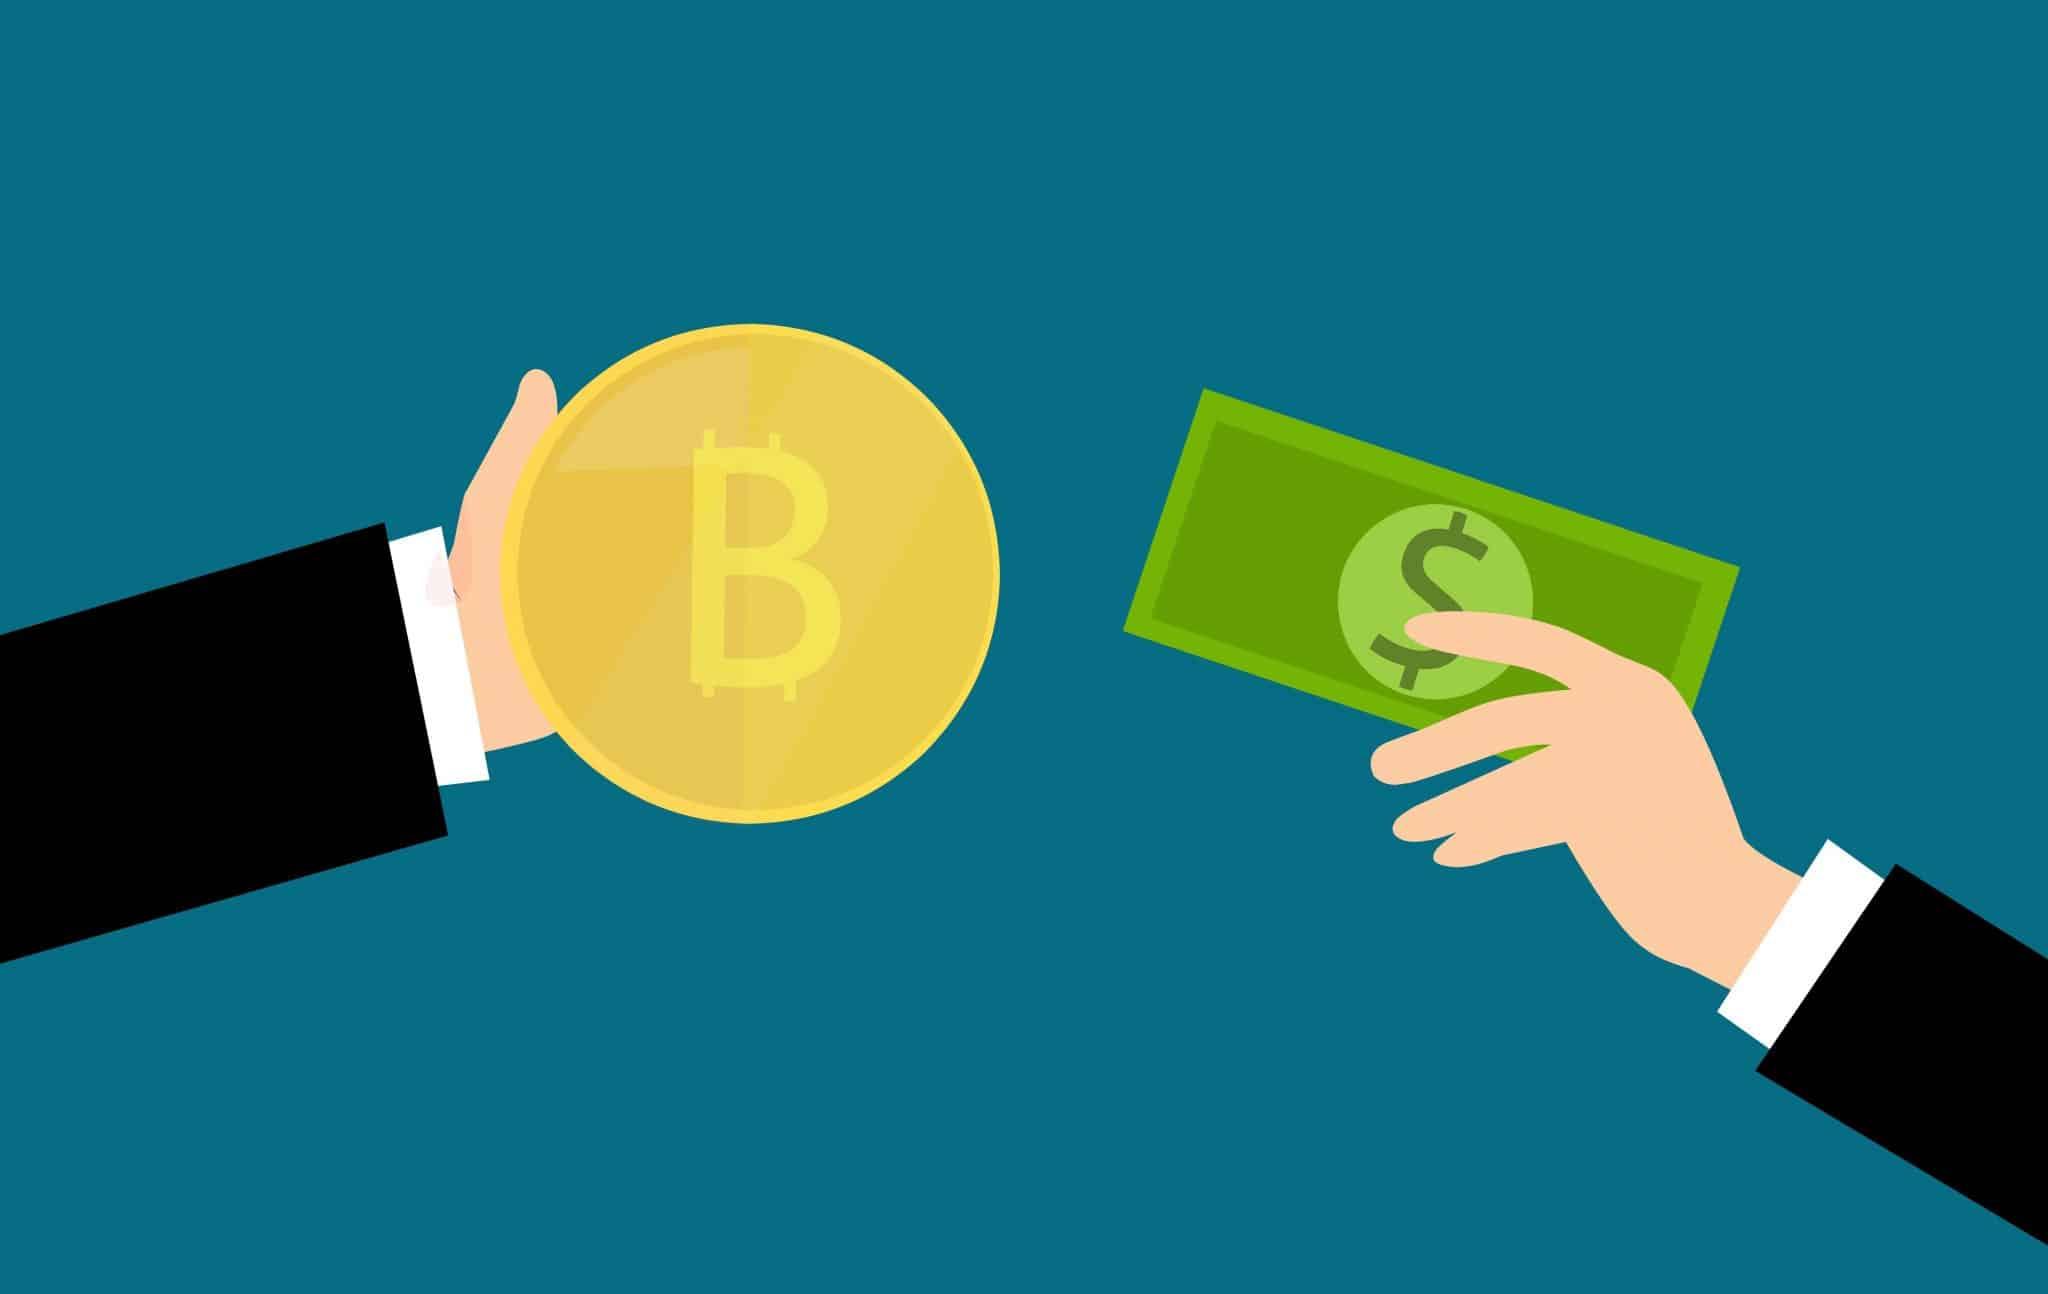 Ako kúpim alebo získam Bitcoin?